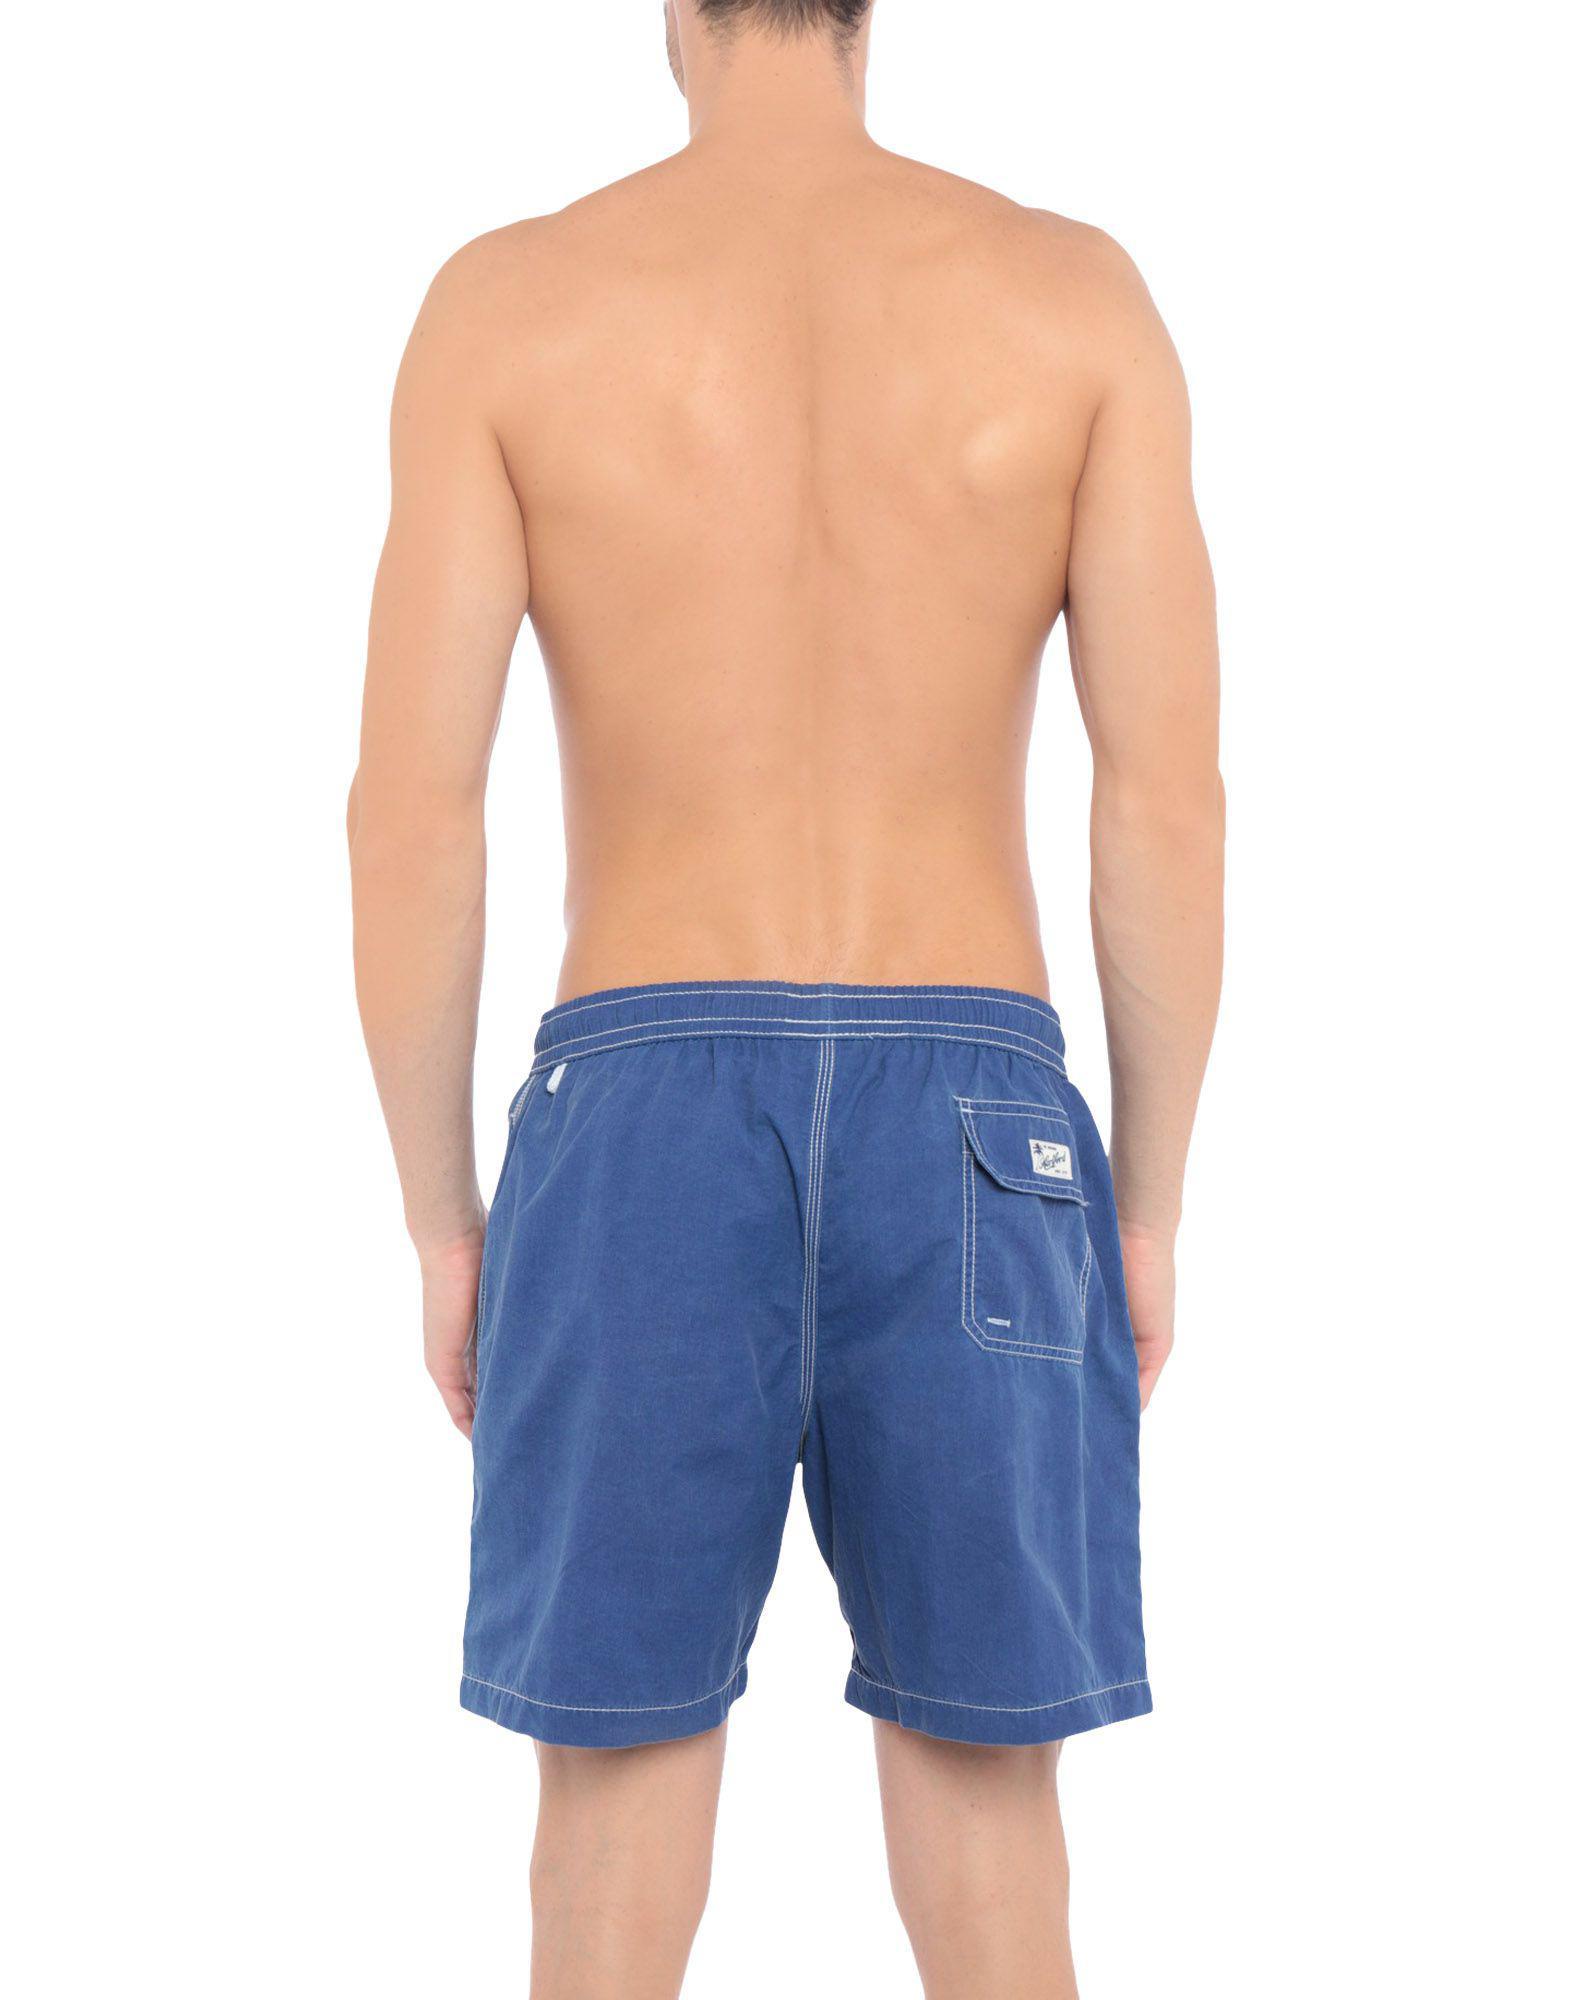 0100641f8b Hartford Swim Trunks in Blue for Men - Lyst